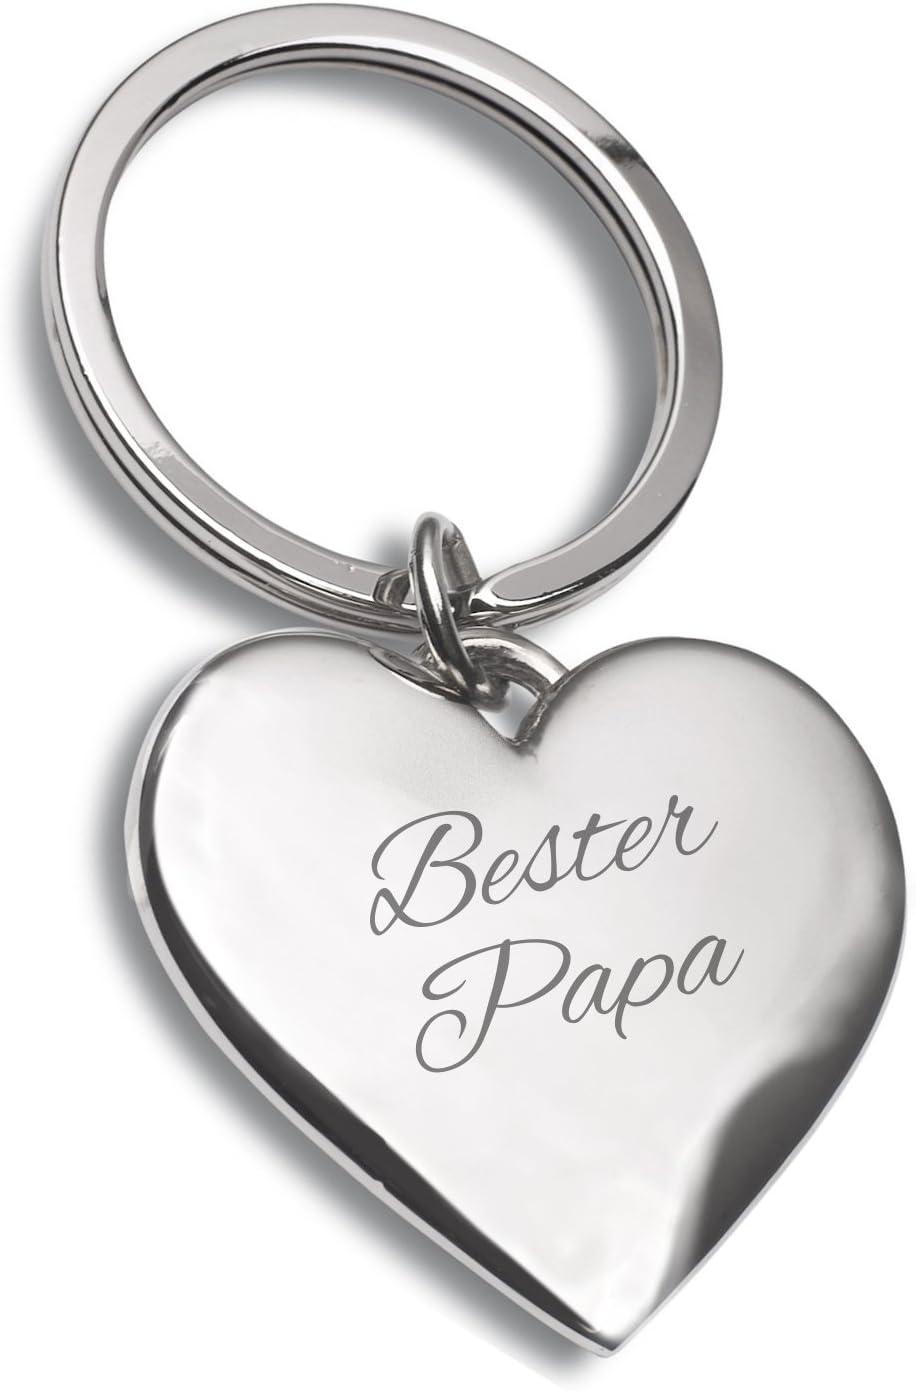 Schlüsselanhänger Herz Silber Mit Gravur Bester Papa Ideal Als Geschenkidee Zum Vatertag Oder Für Den Ehemann Küche Haushalt